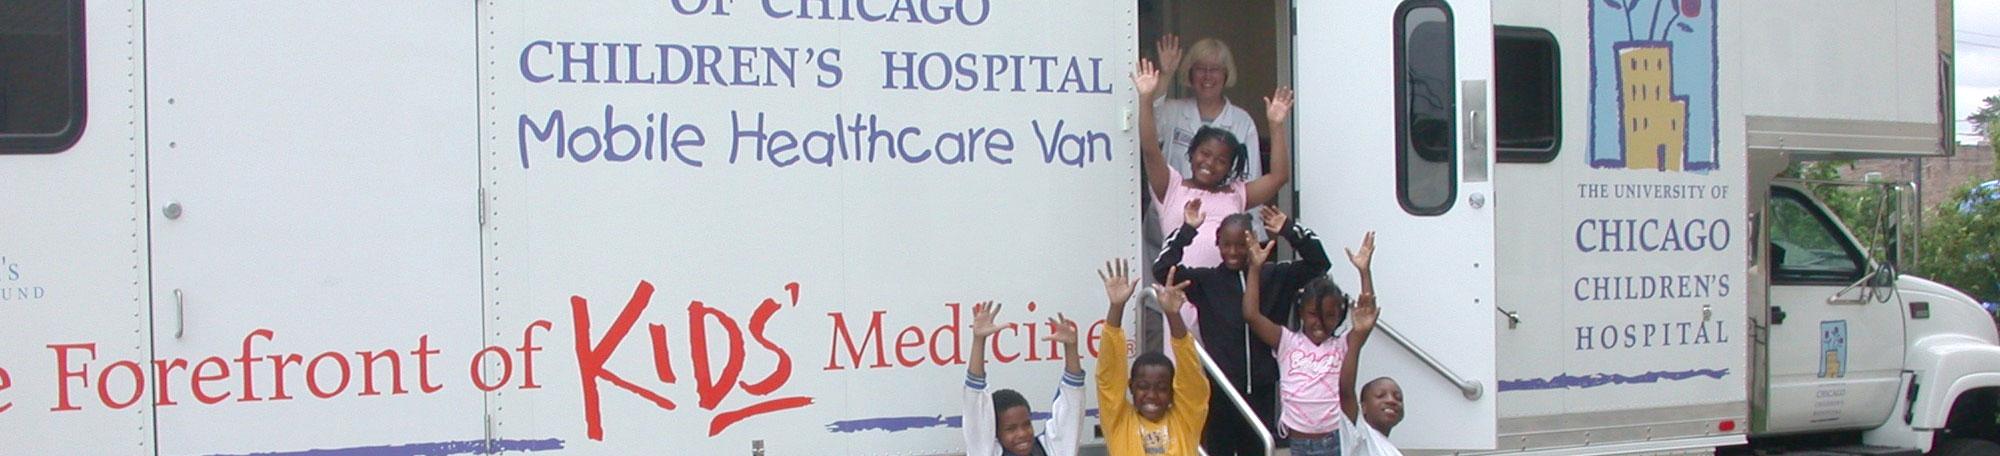 Comer's Healthcare van